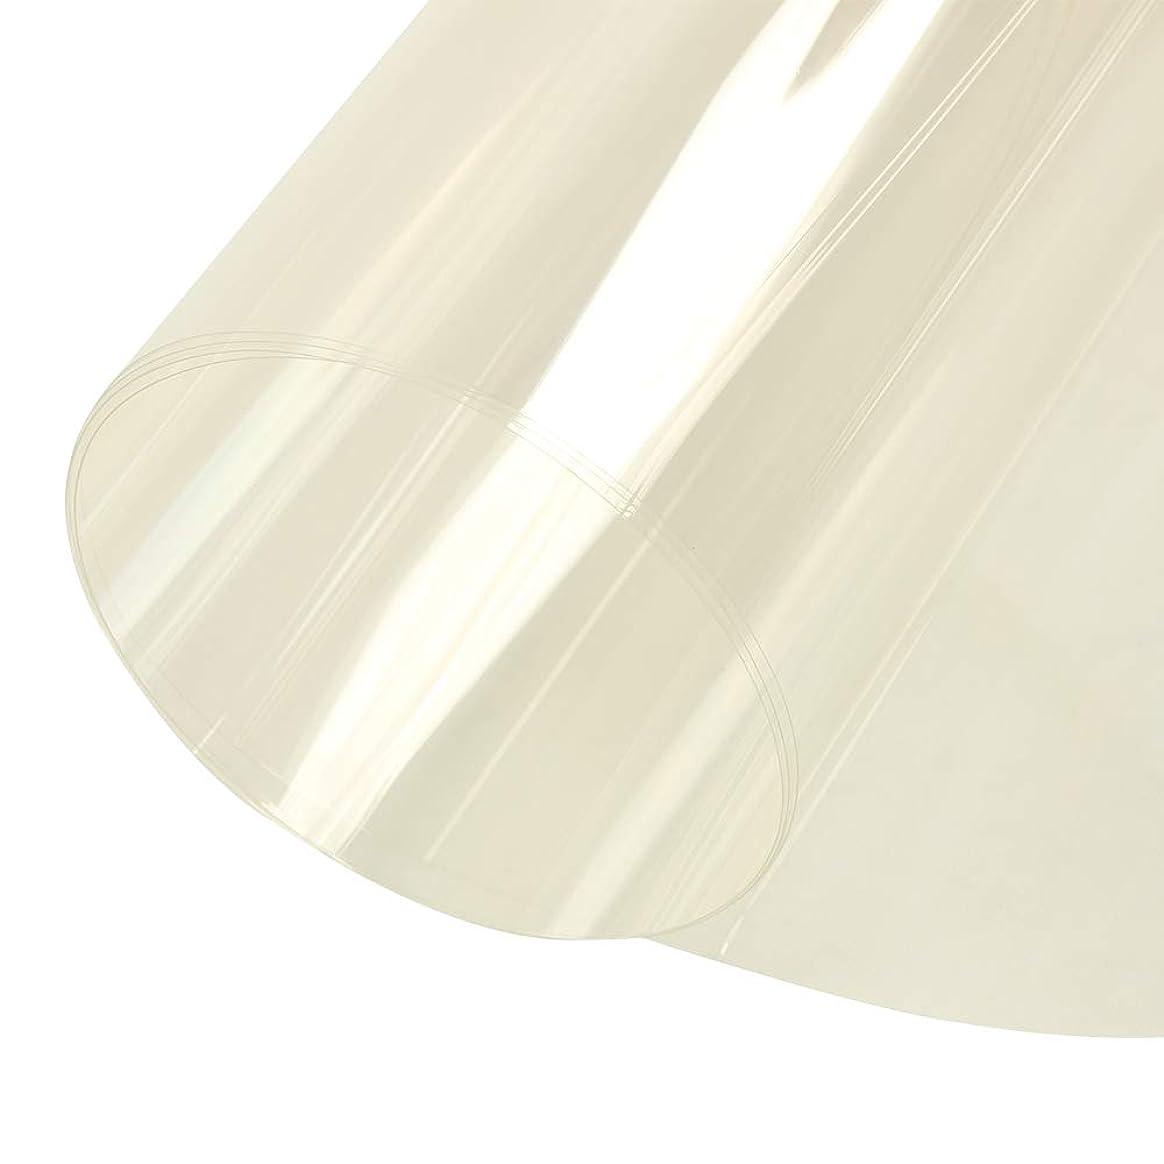 描くアサー伝導Decocar 強化透明ガラスフィルム クリア飛散防止フィルム 飛散防止フィルム ガラス飛散防止フィルム 飛散防止カット 幅80cm (80cm×500cm, クリア)